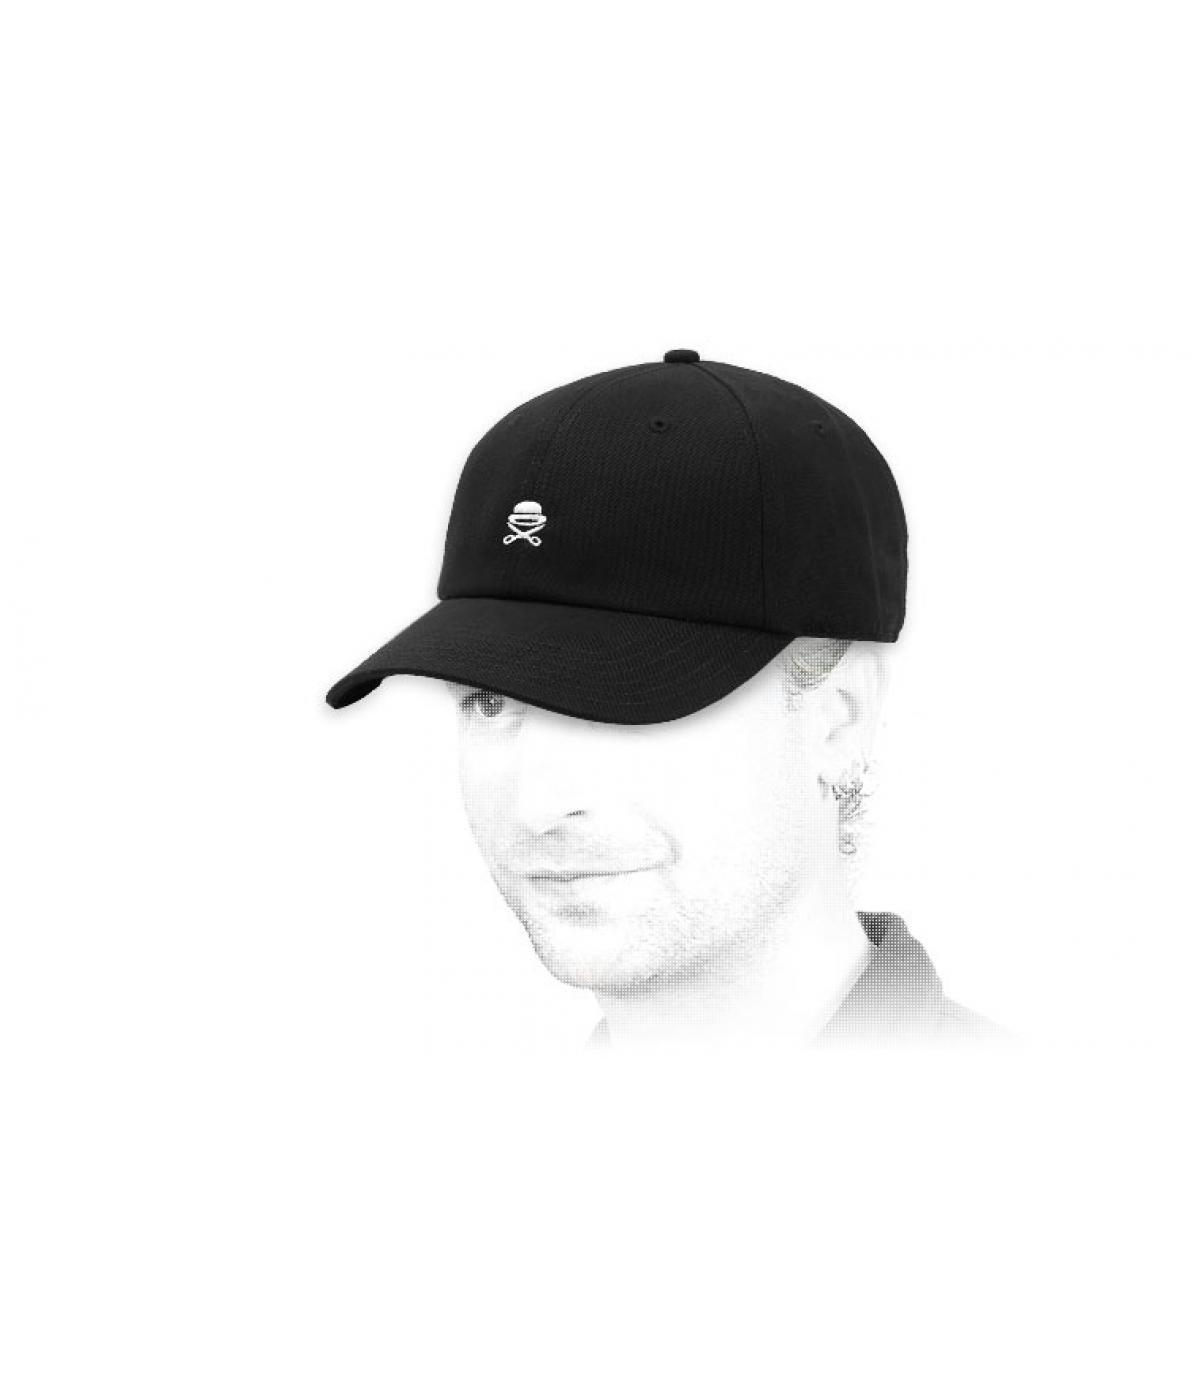 cappuccio Cayler logo nero